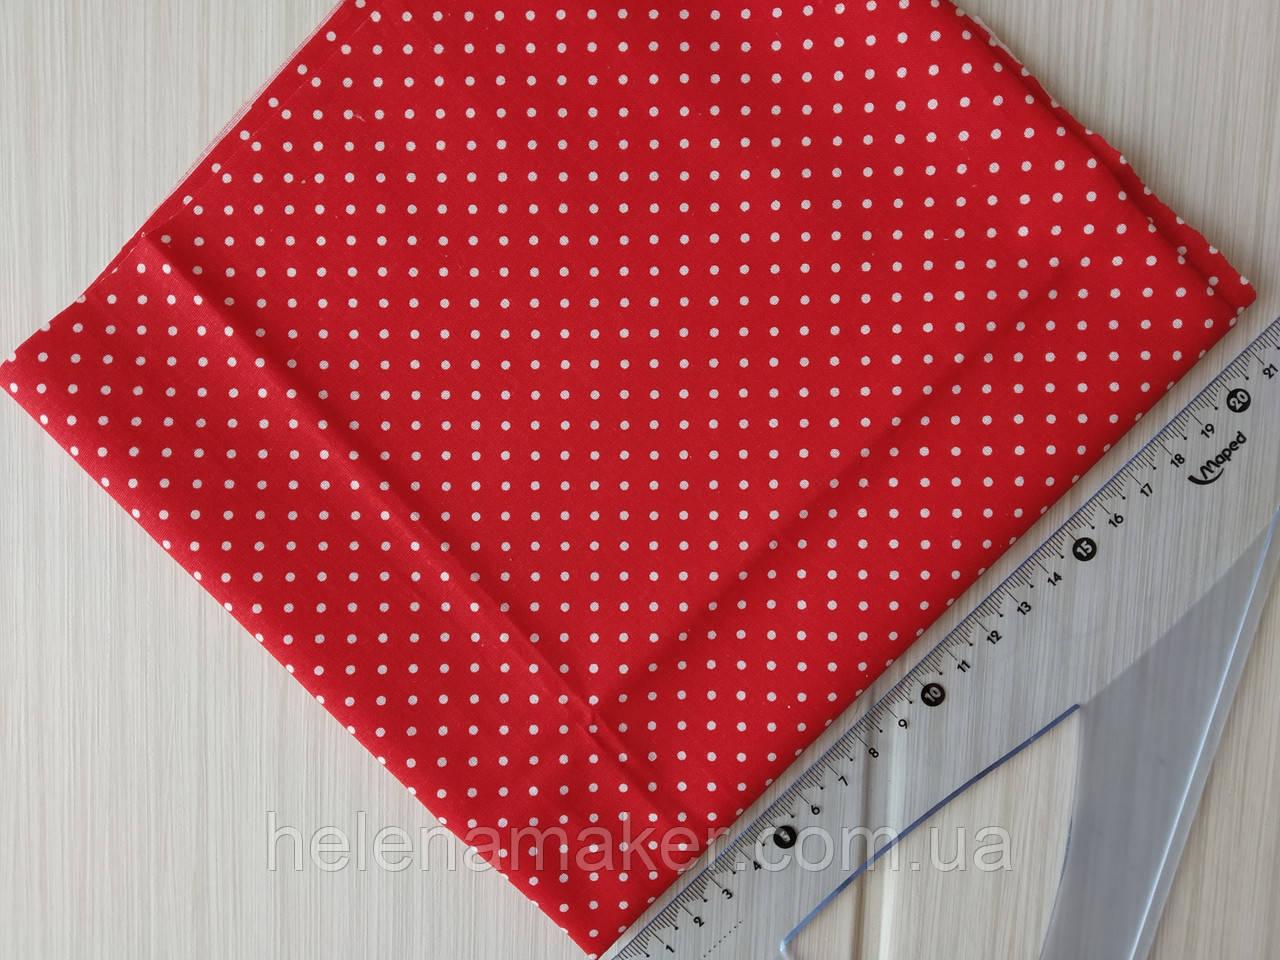 Бавовна в червоний горошок 2 мм. Розмір відрізу 50*50 см